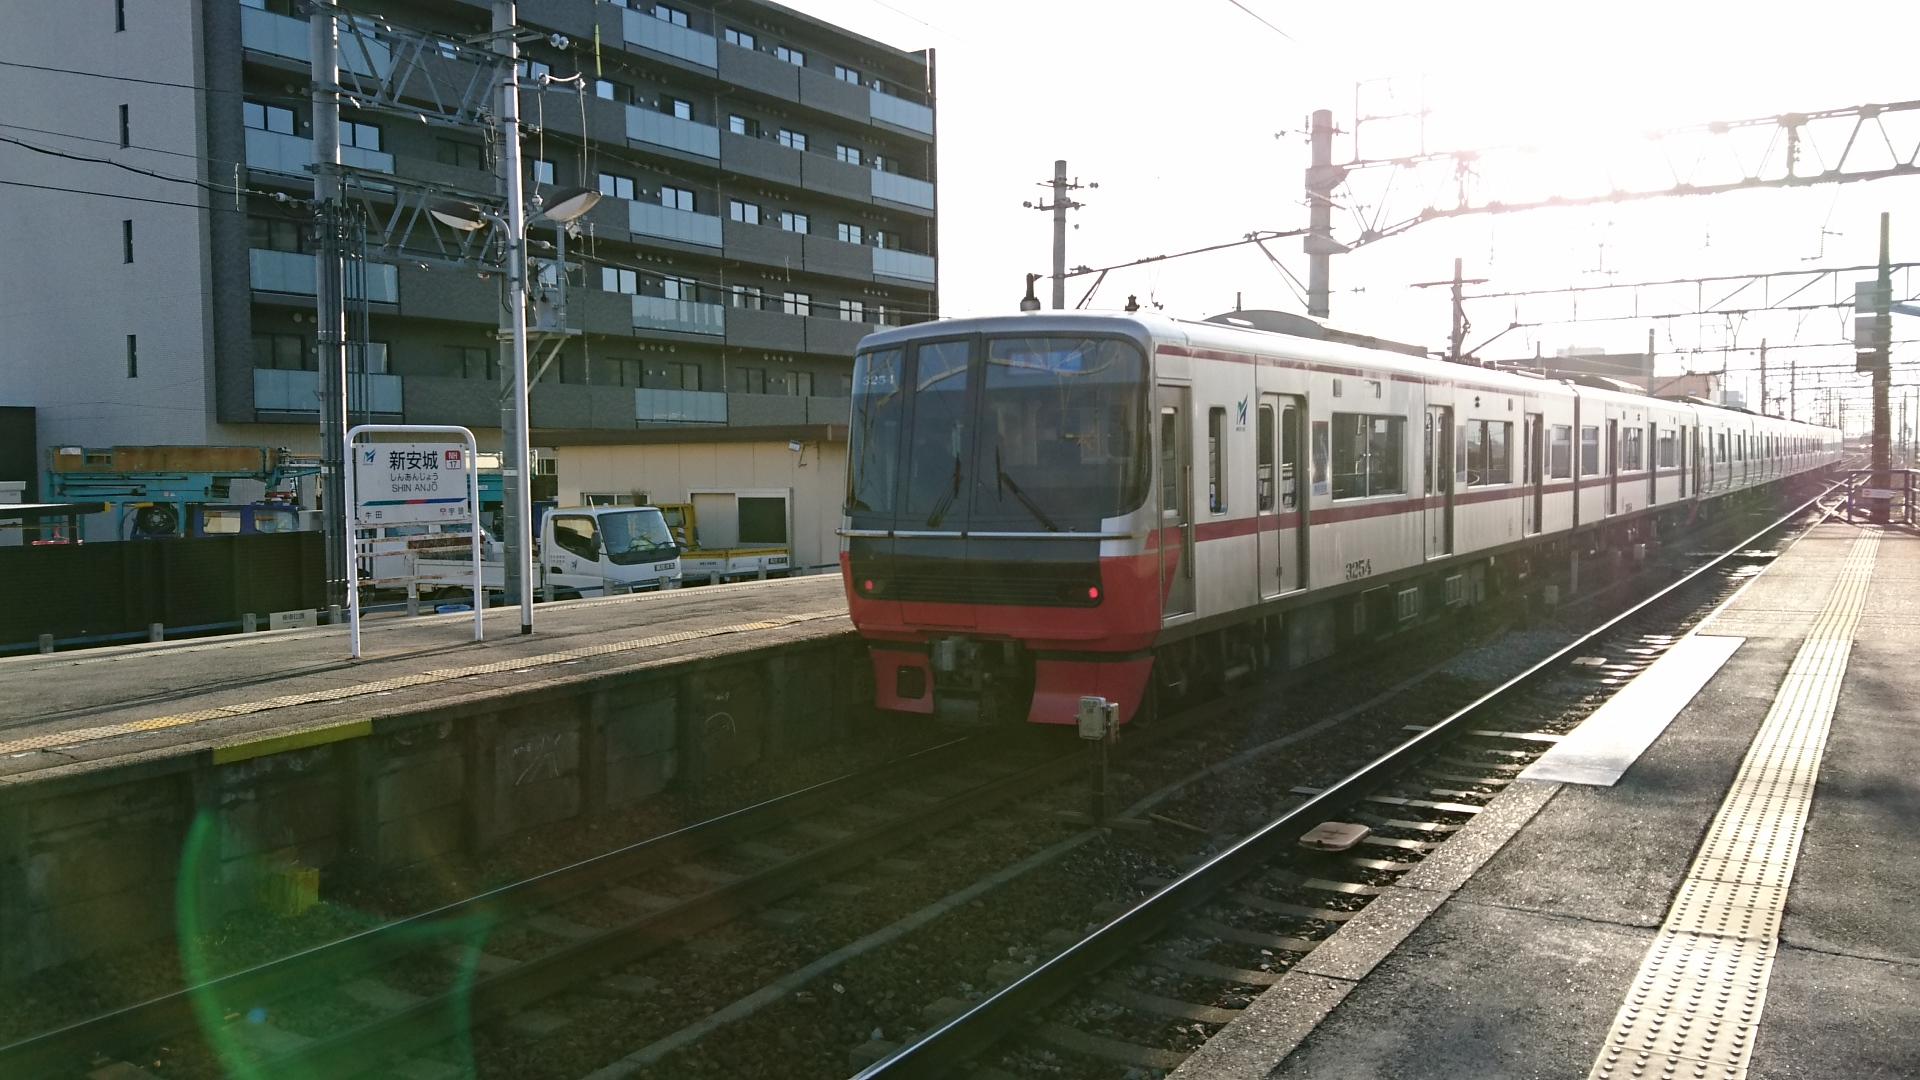 2017.2.22 しんあんじょう (6) 豊橋いき特急(3254) 1920-1080